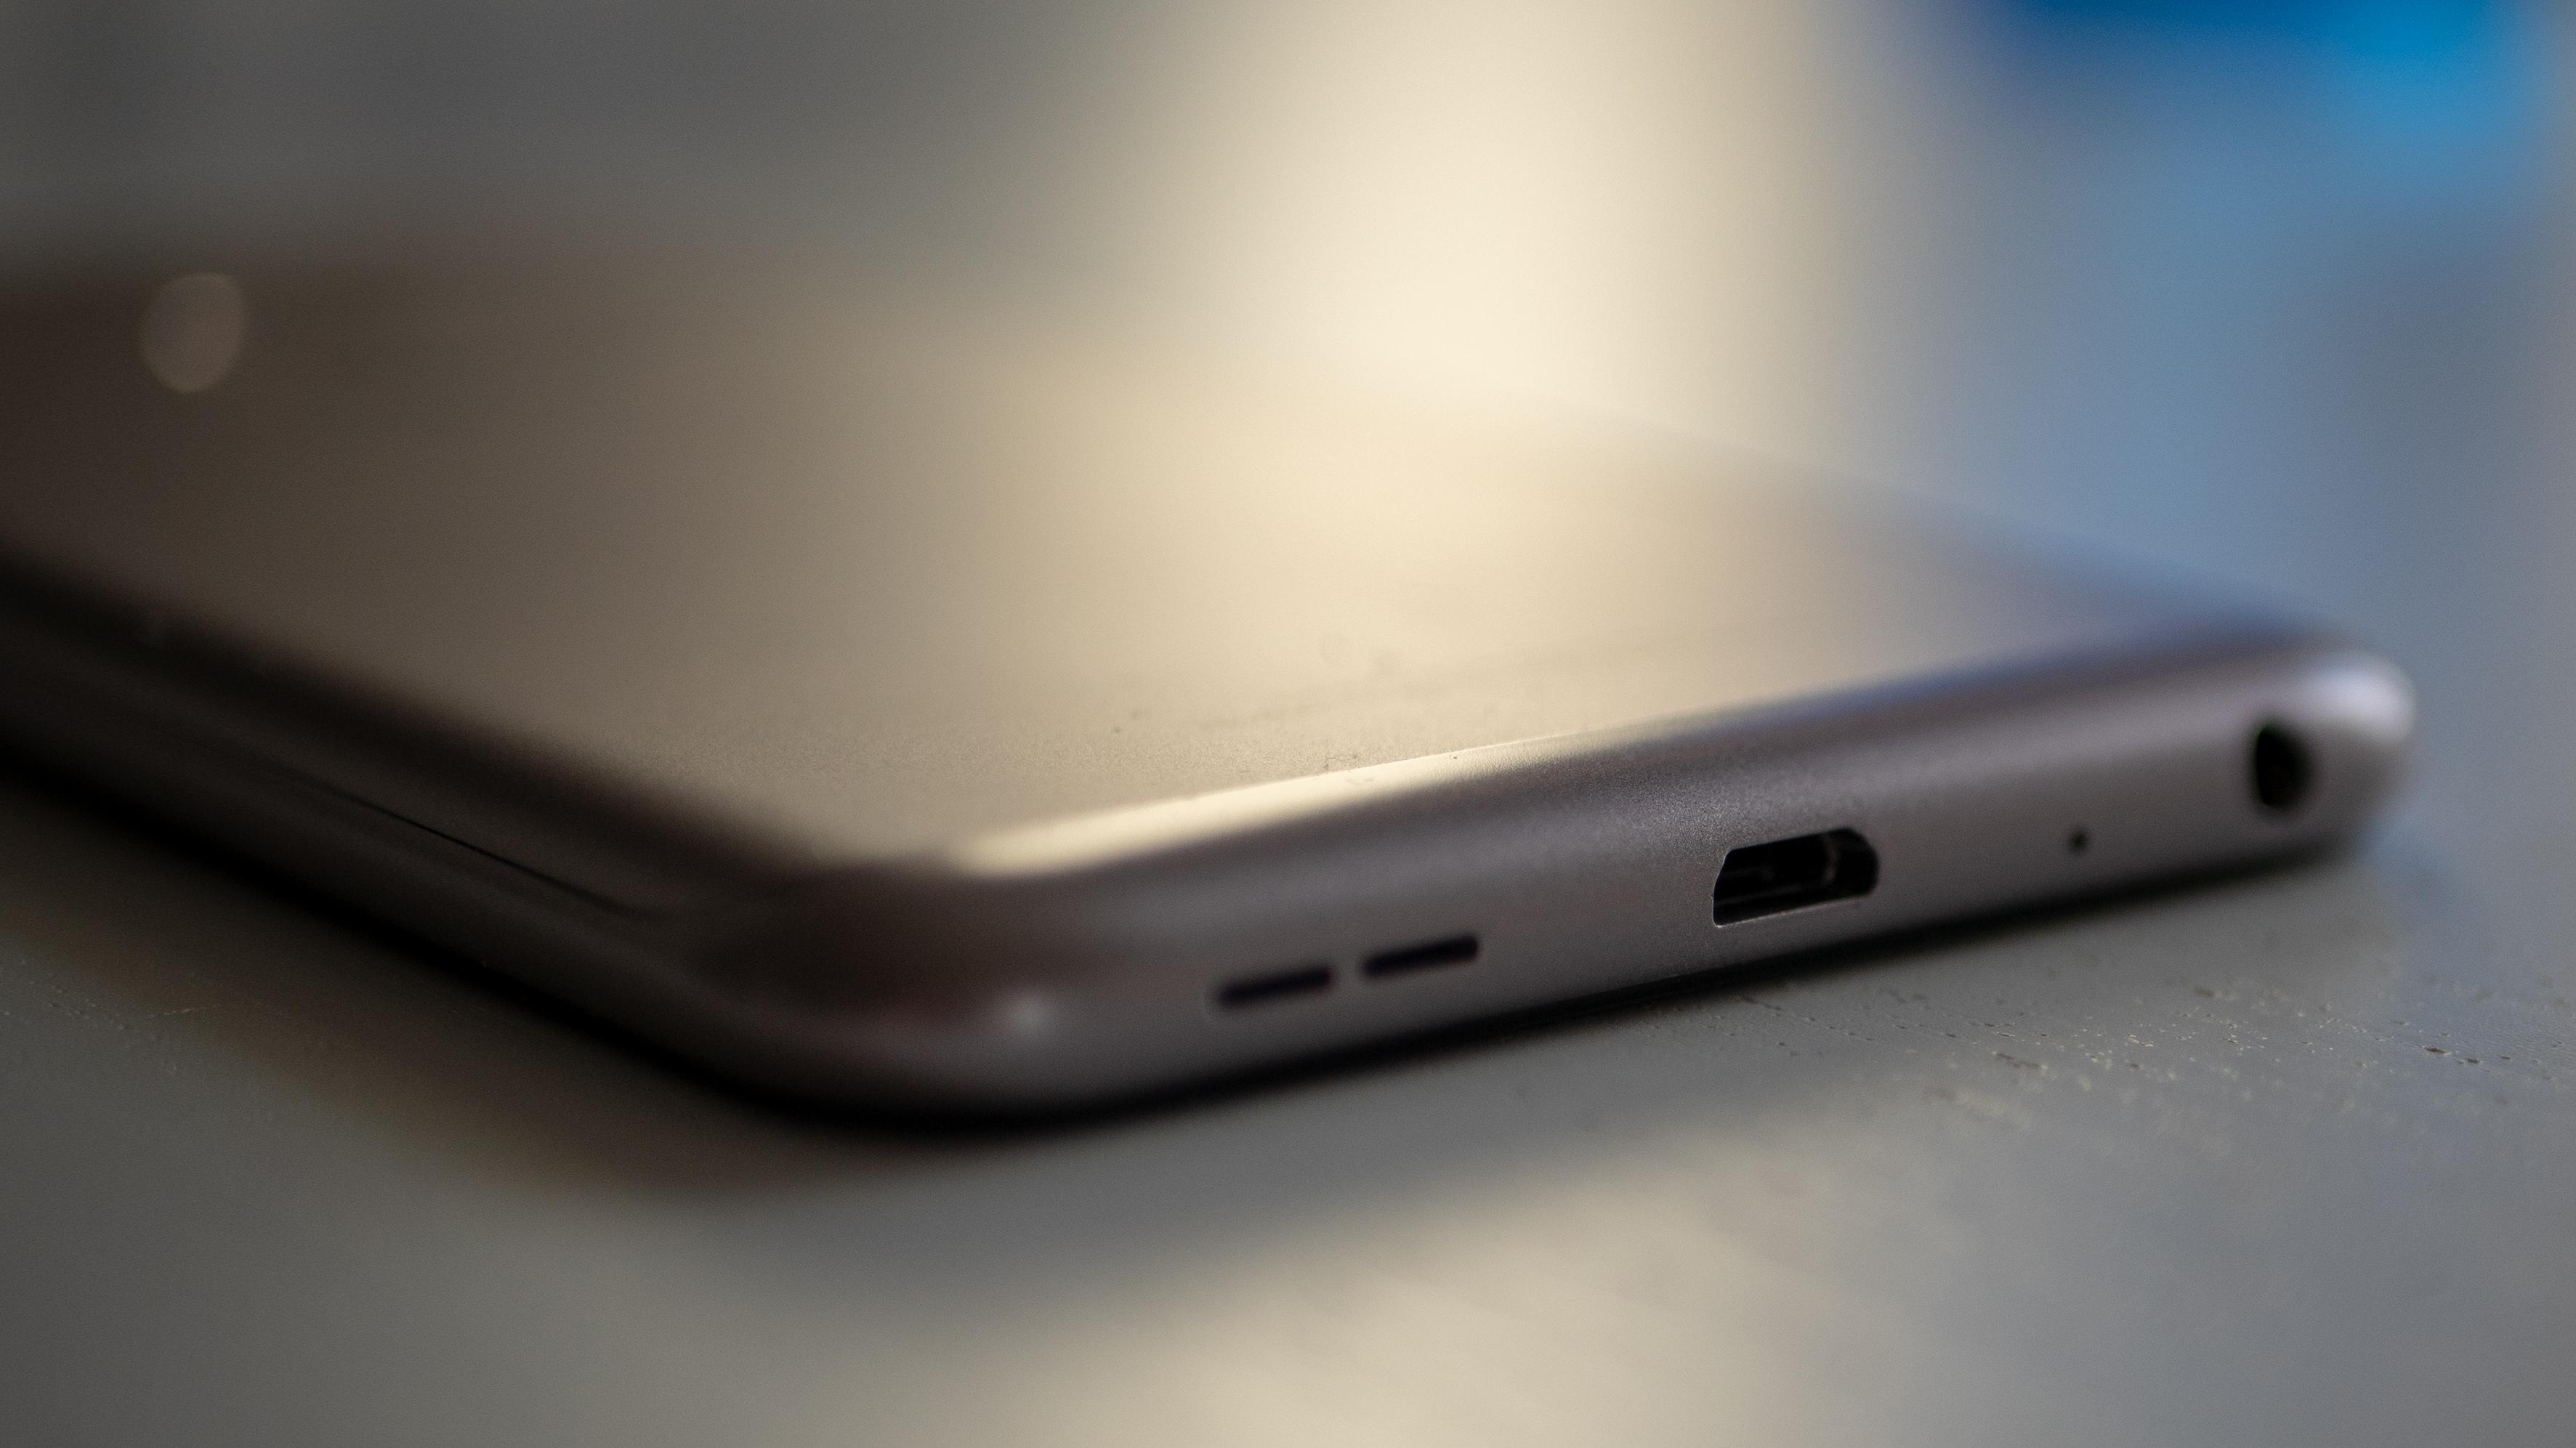 micro-USB-kontakten møtes ikke med jubel av ITavisen-redakasjonen.